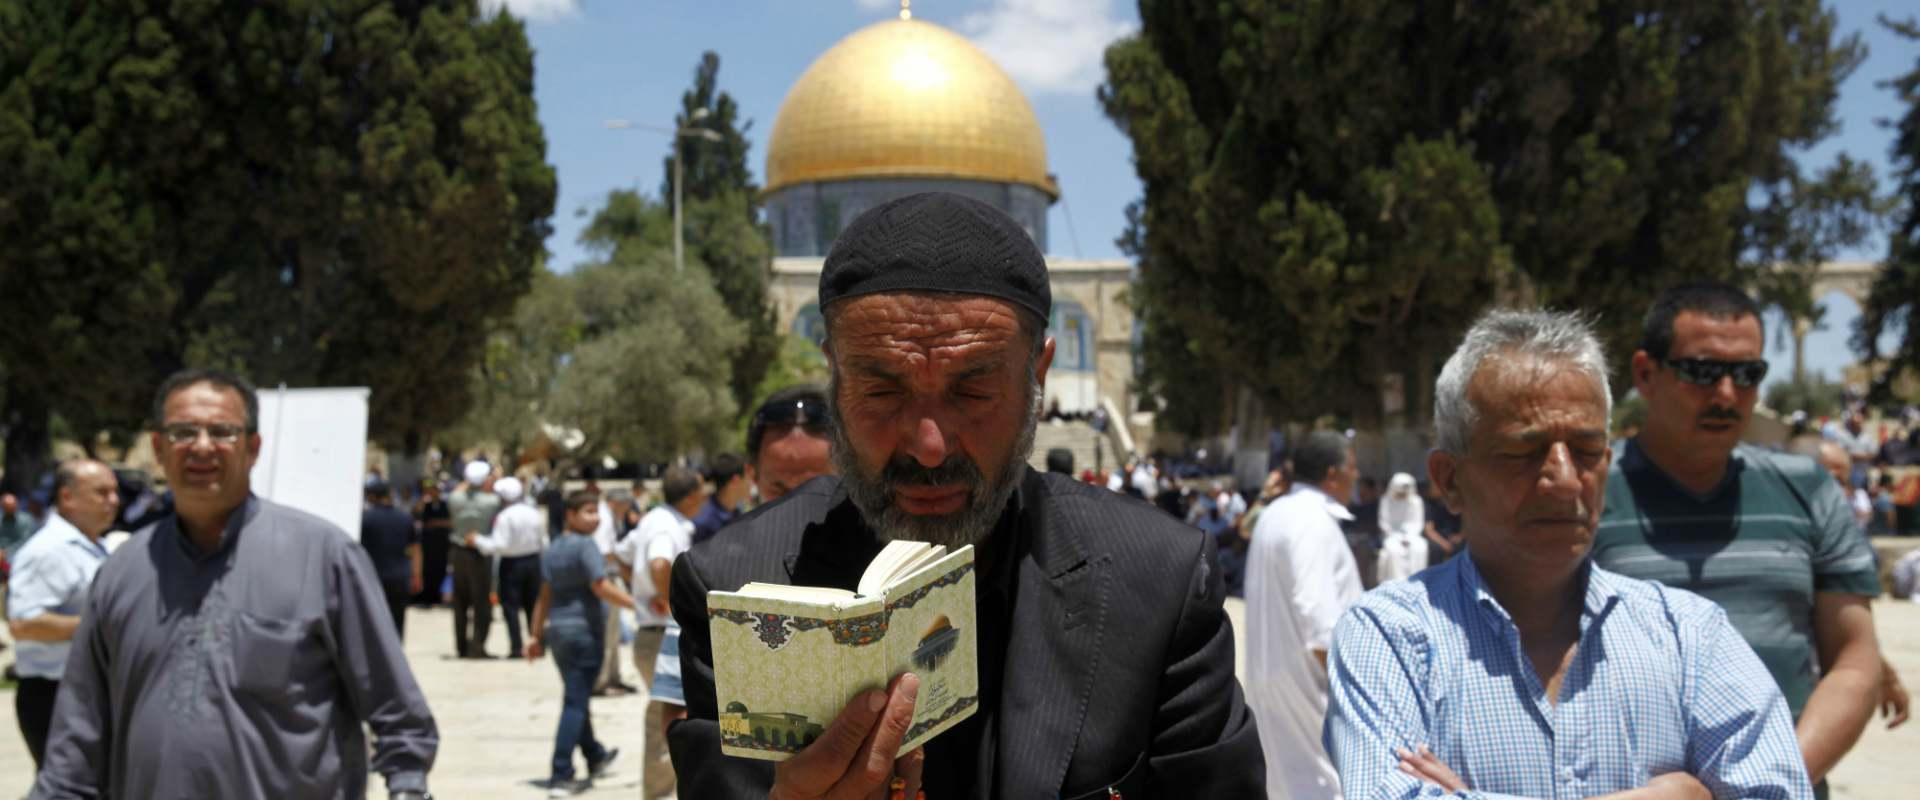 מוסלמים מתפללים בהר הבית